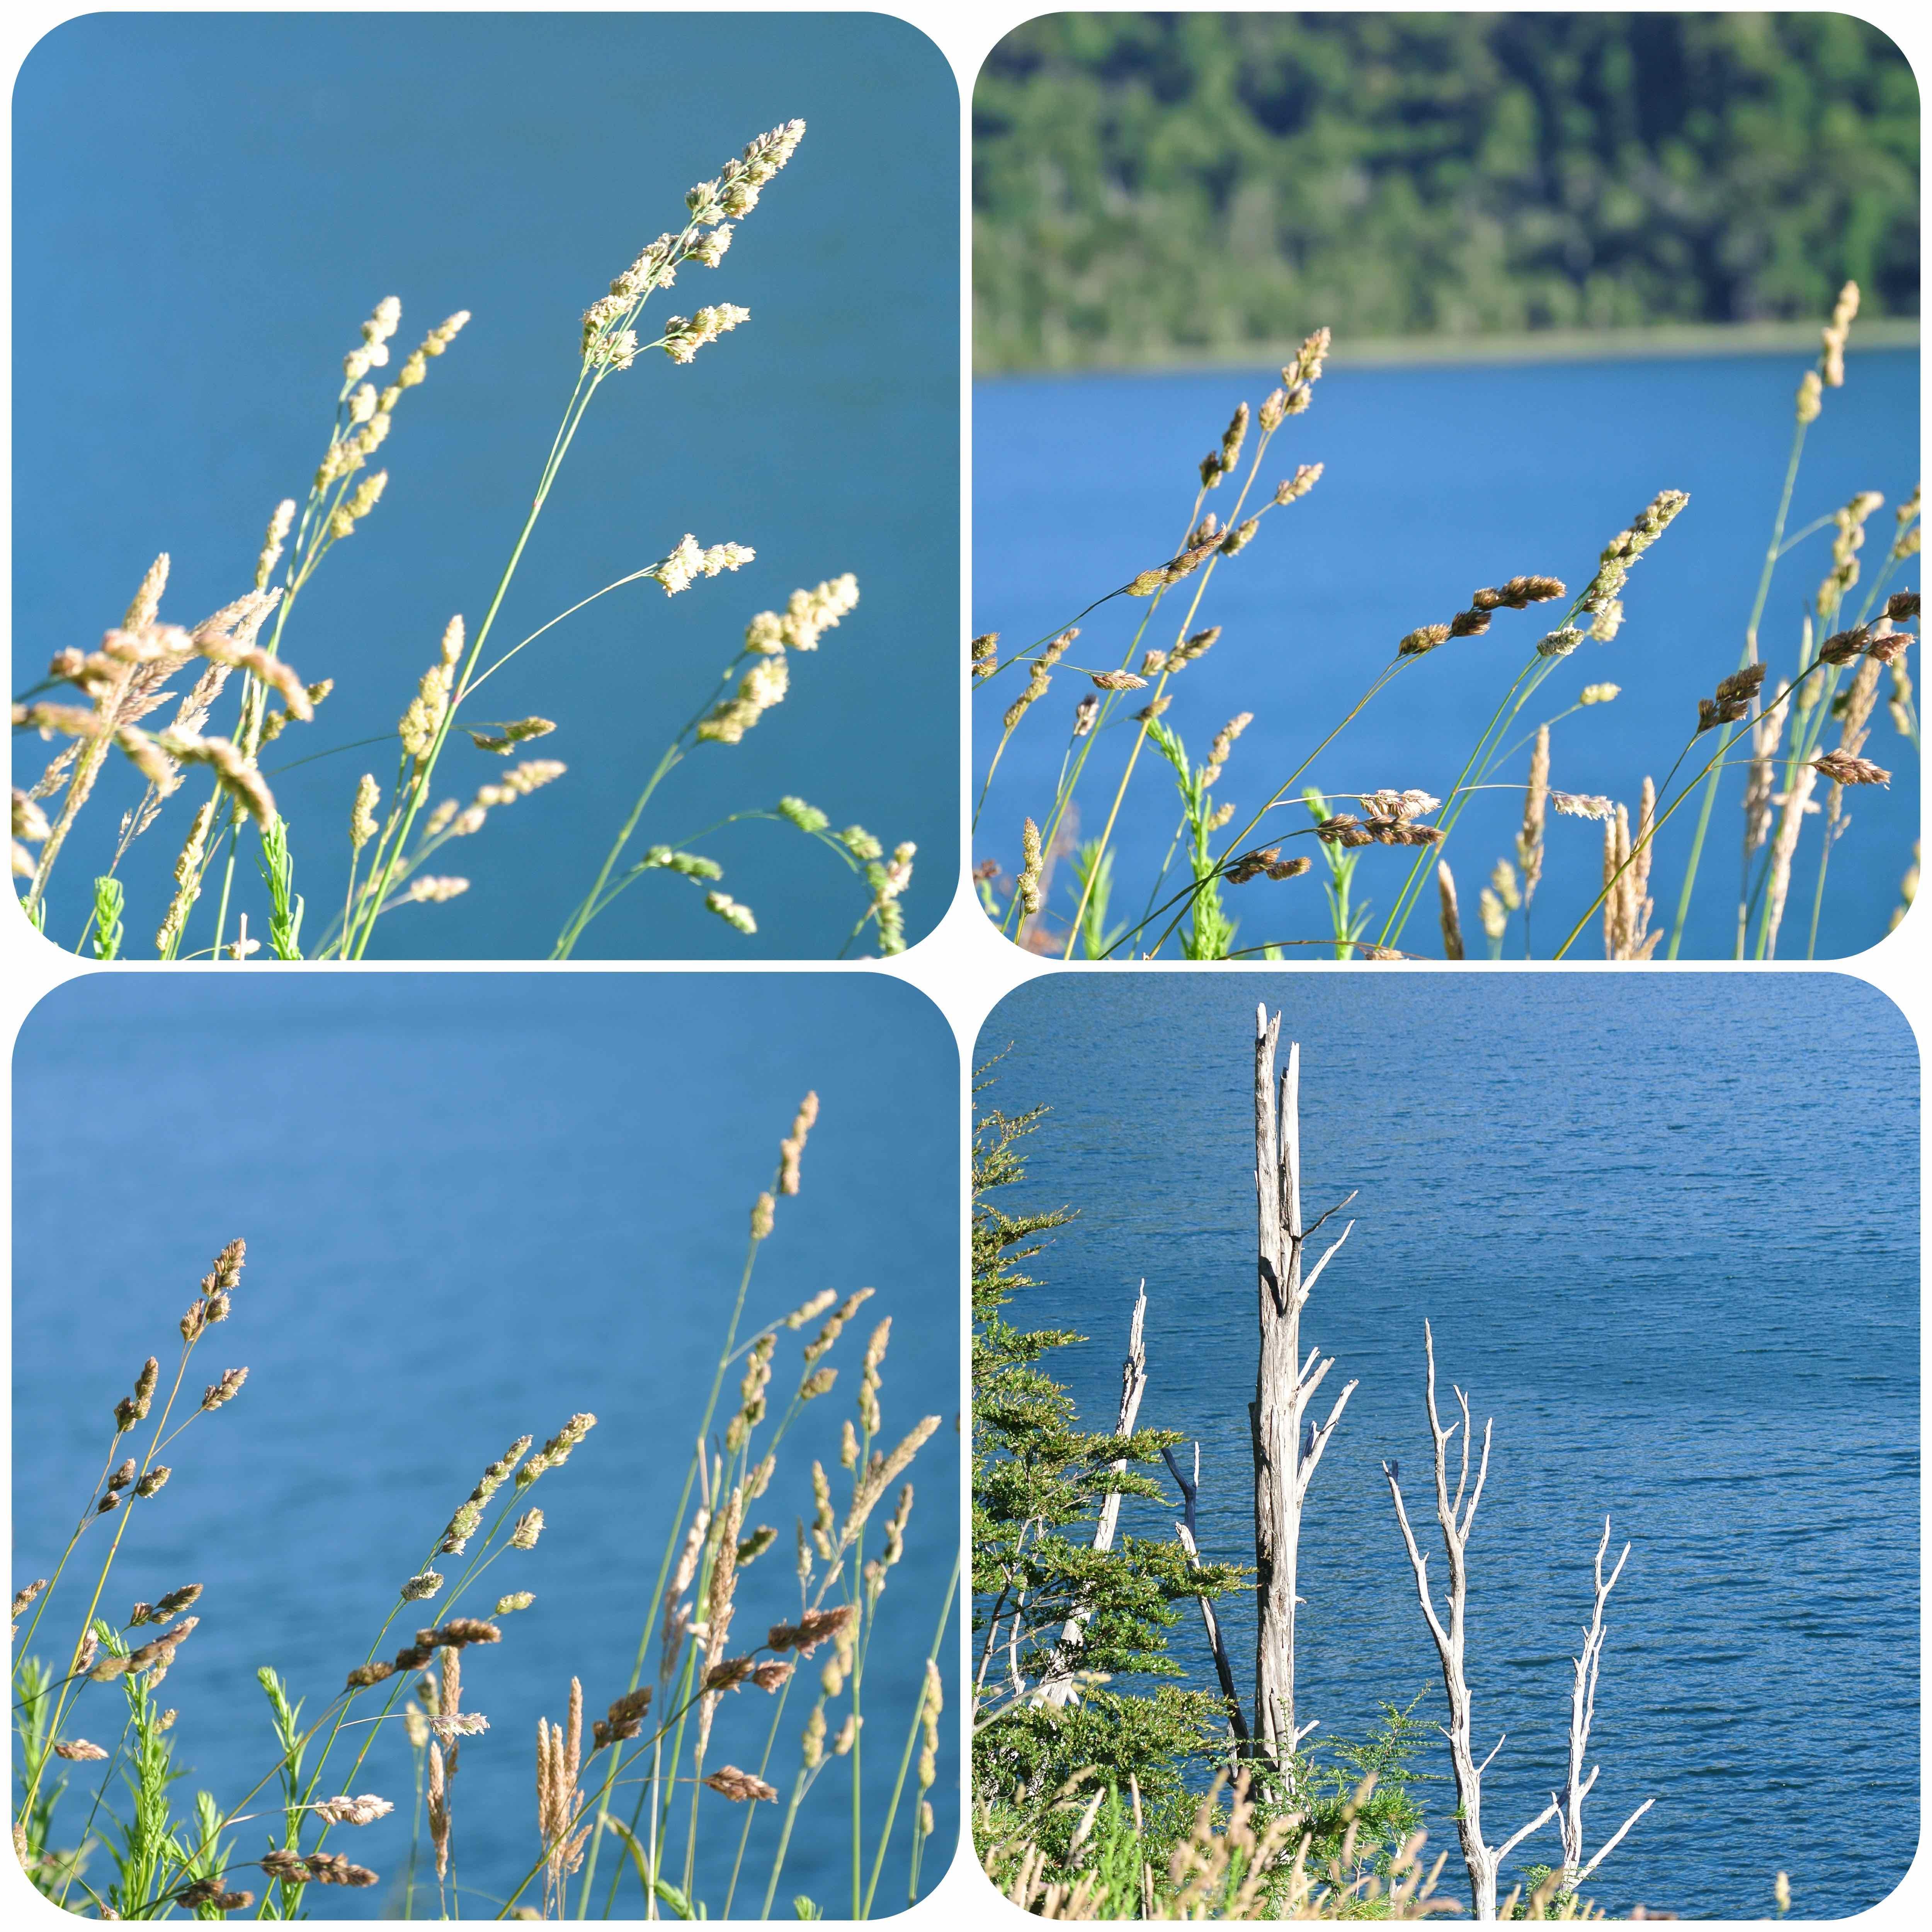 003 2301 Lago Quillelhue - Mirador Lago Calafquen 51jpg